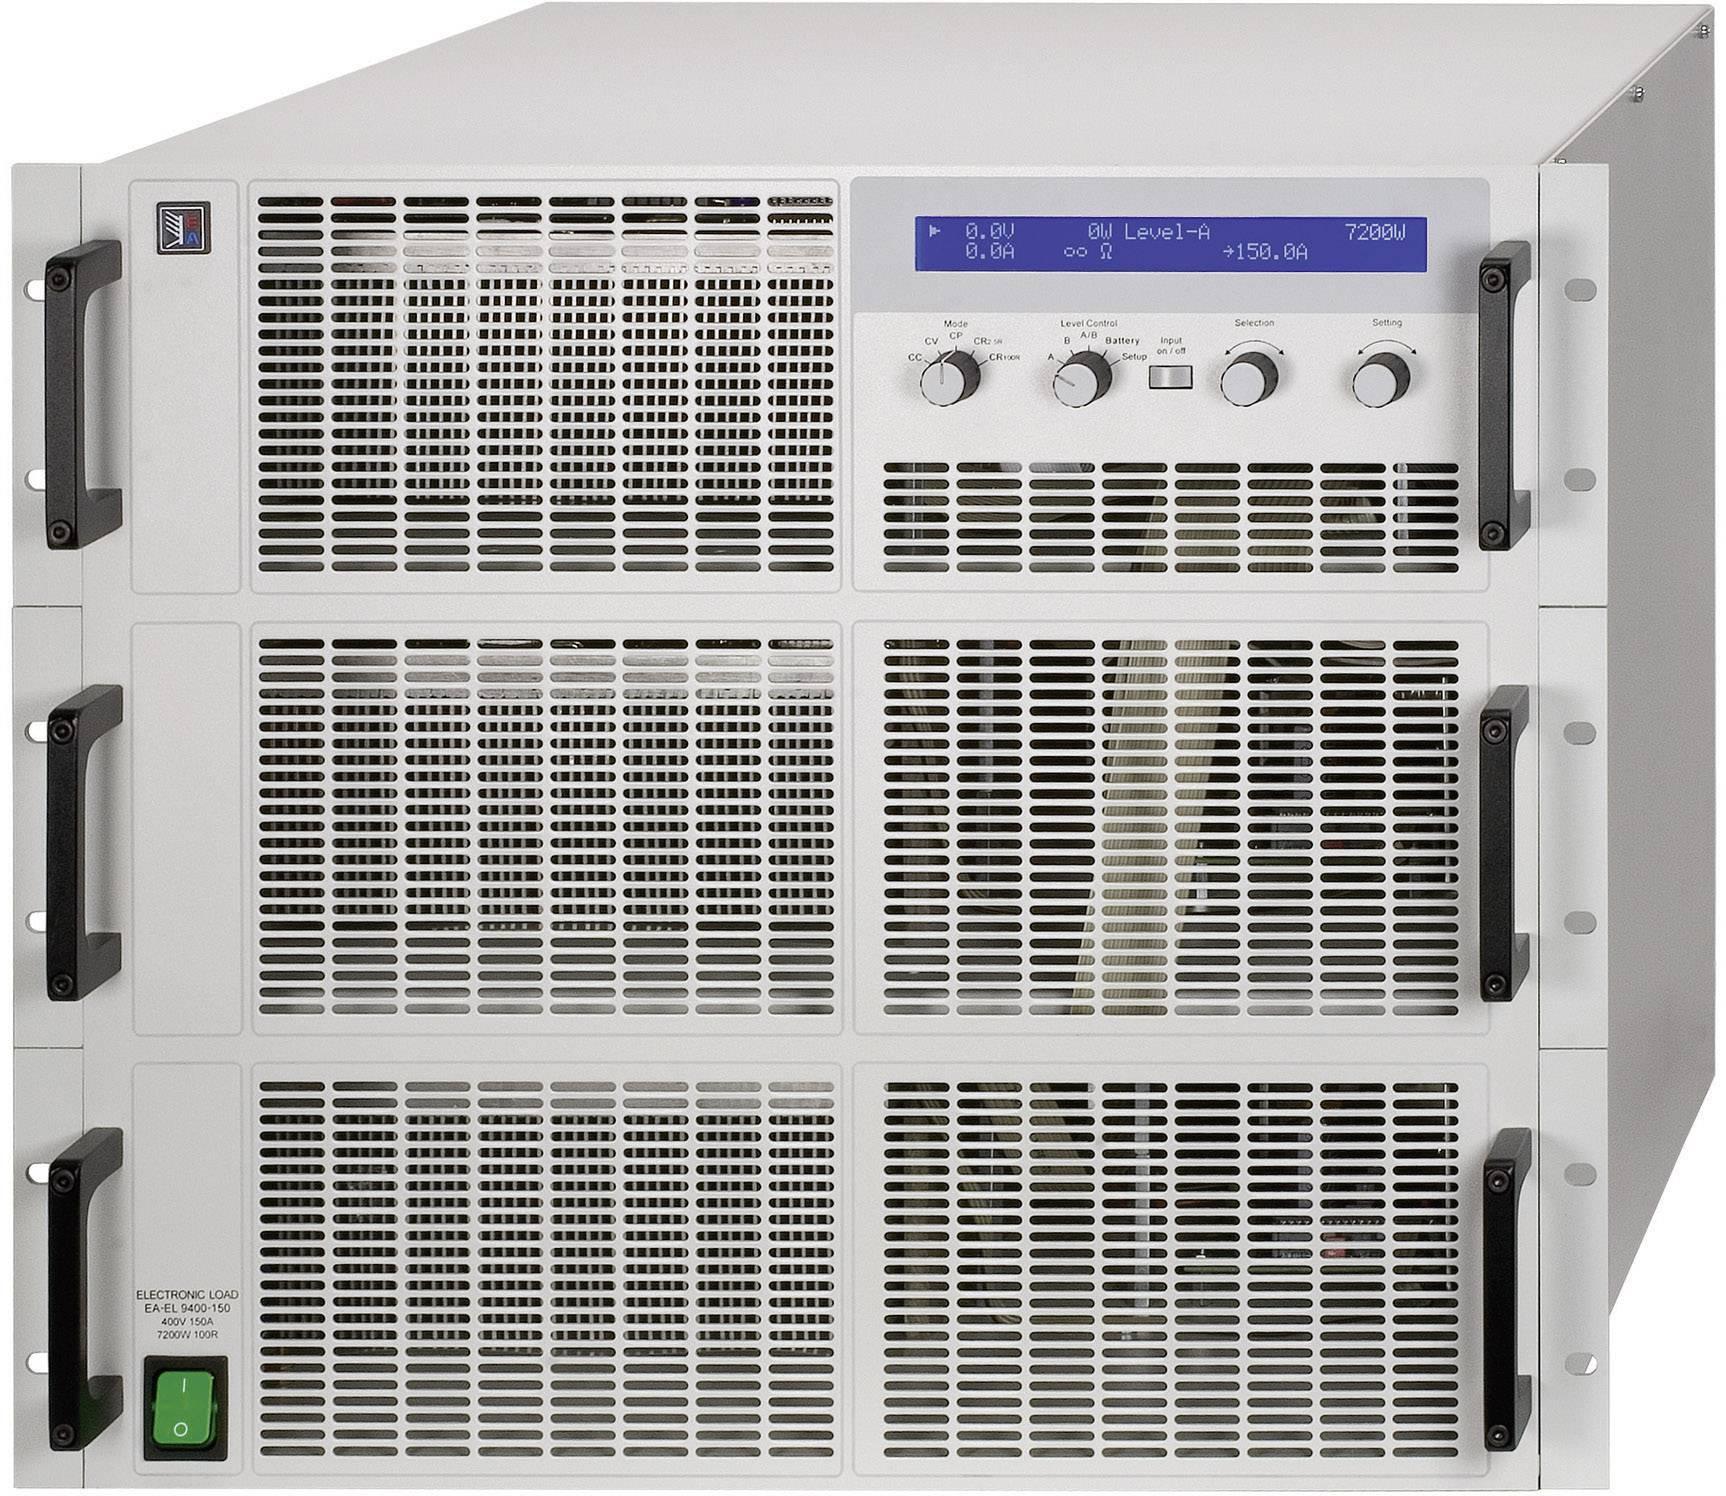 Elektronická záťaž EA-EL 9750-75 HP, 750 V/DC, 75 A, 7200 W